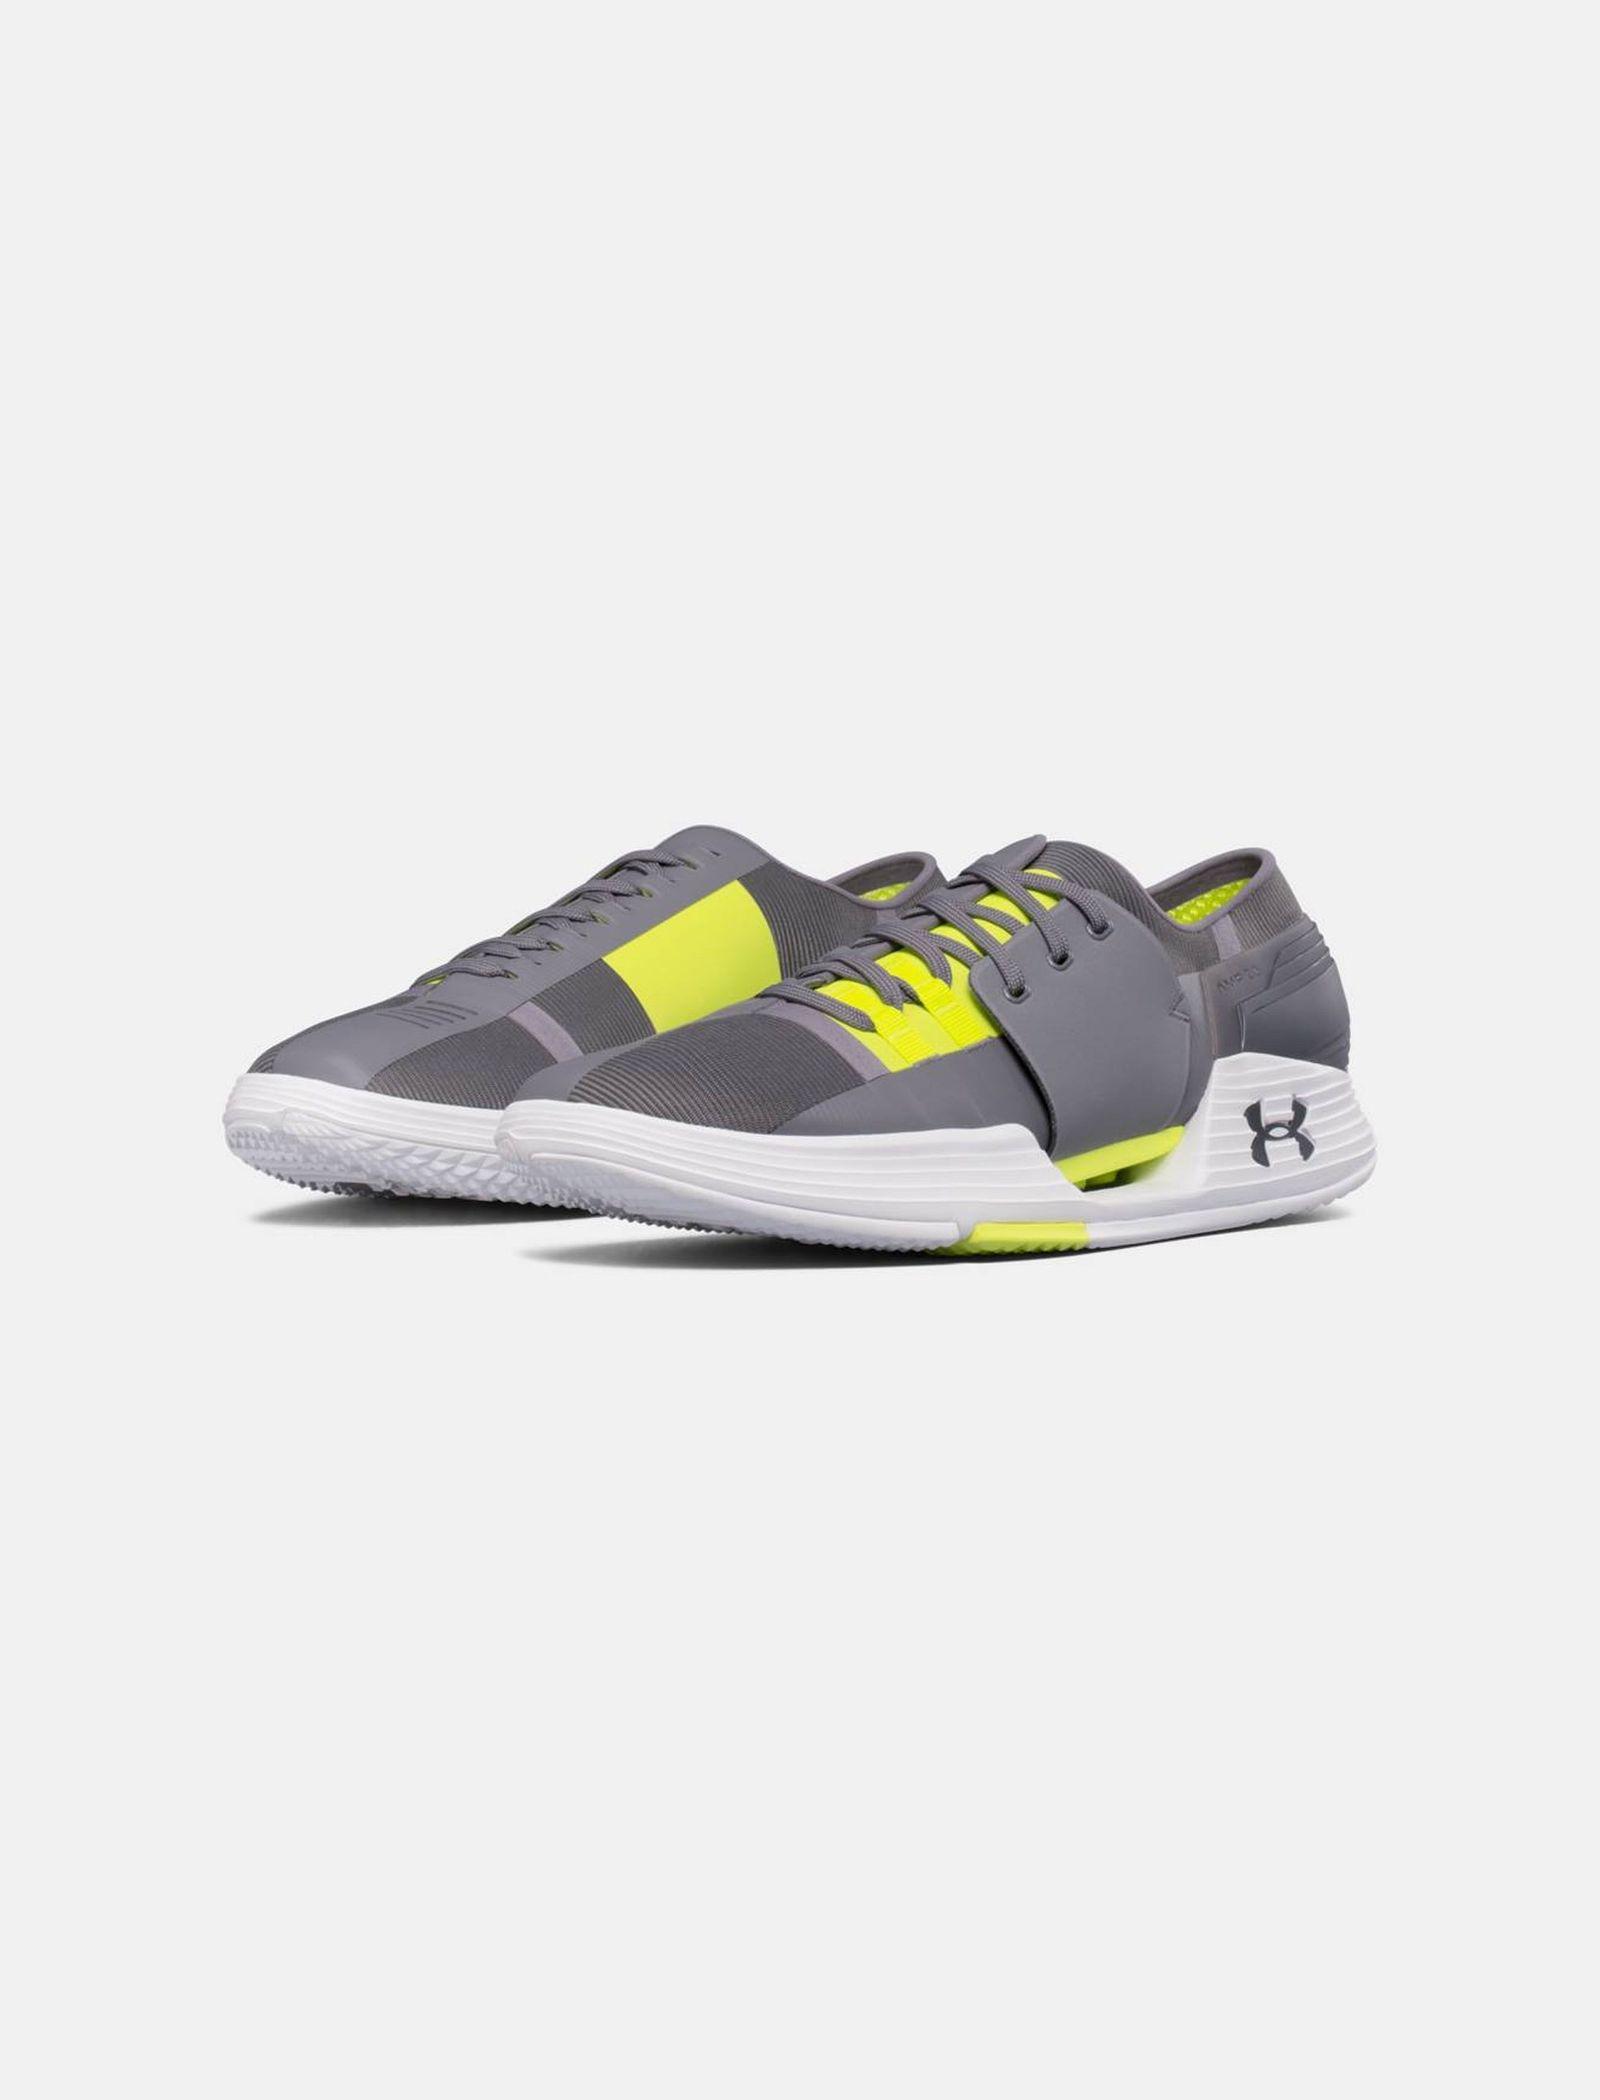 کفش تمرین بندی مردانه SpeedForm AMP 2 - آندر آرمور - طوسي - 5